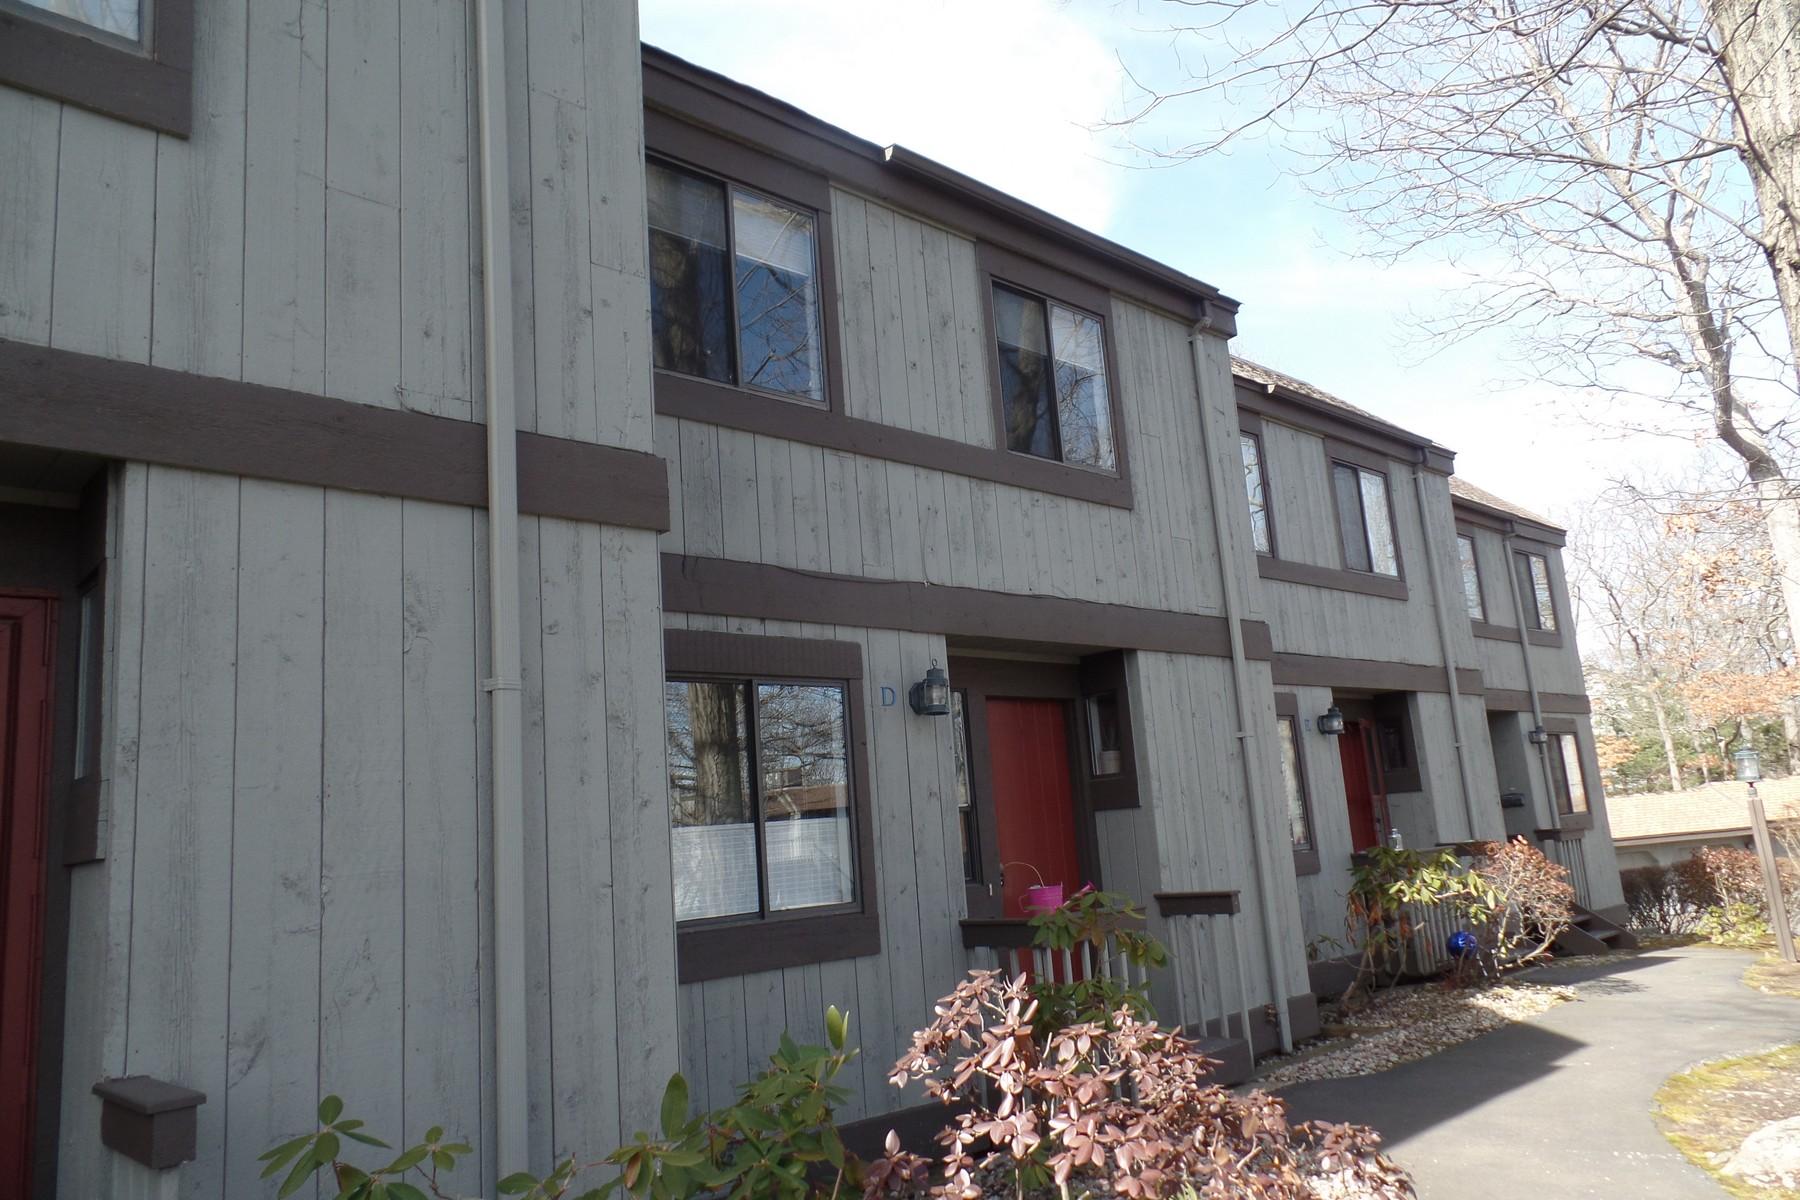 pour l Vente à Wonderful Two Bedroom Townhouse in Quiet Wooded Setting 21 Harbour Village D Branford, Connecticut, 06405 États-Unis